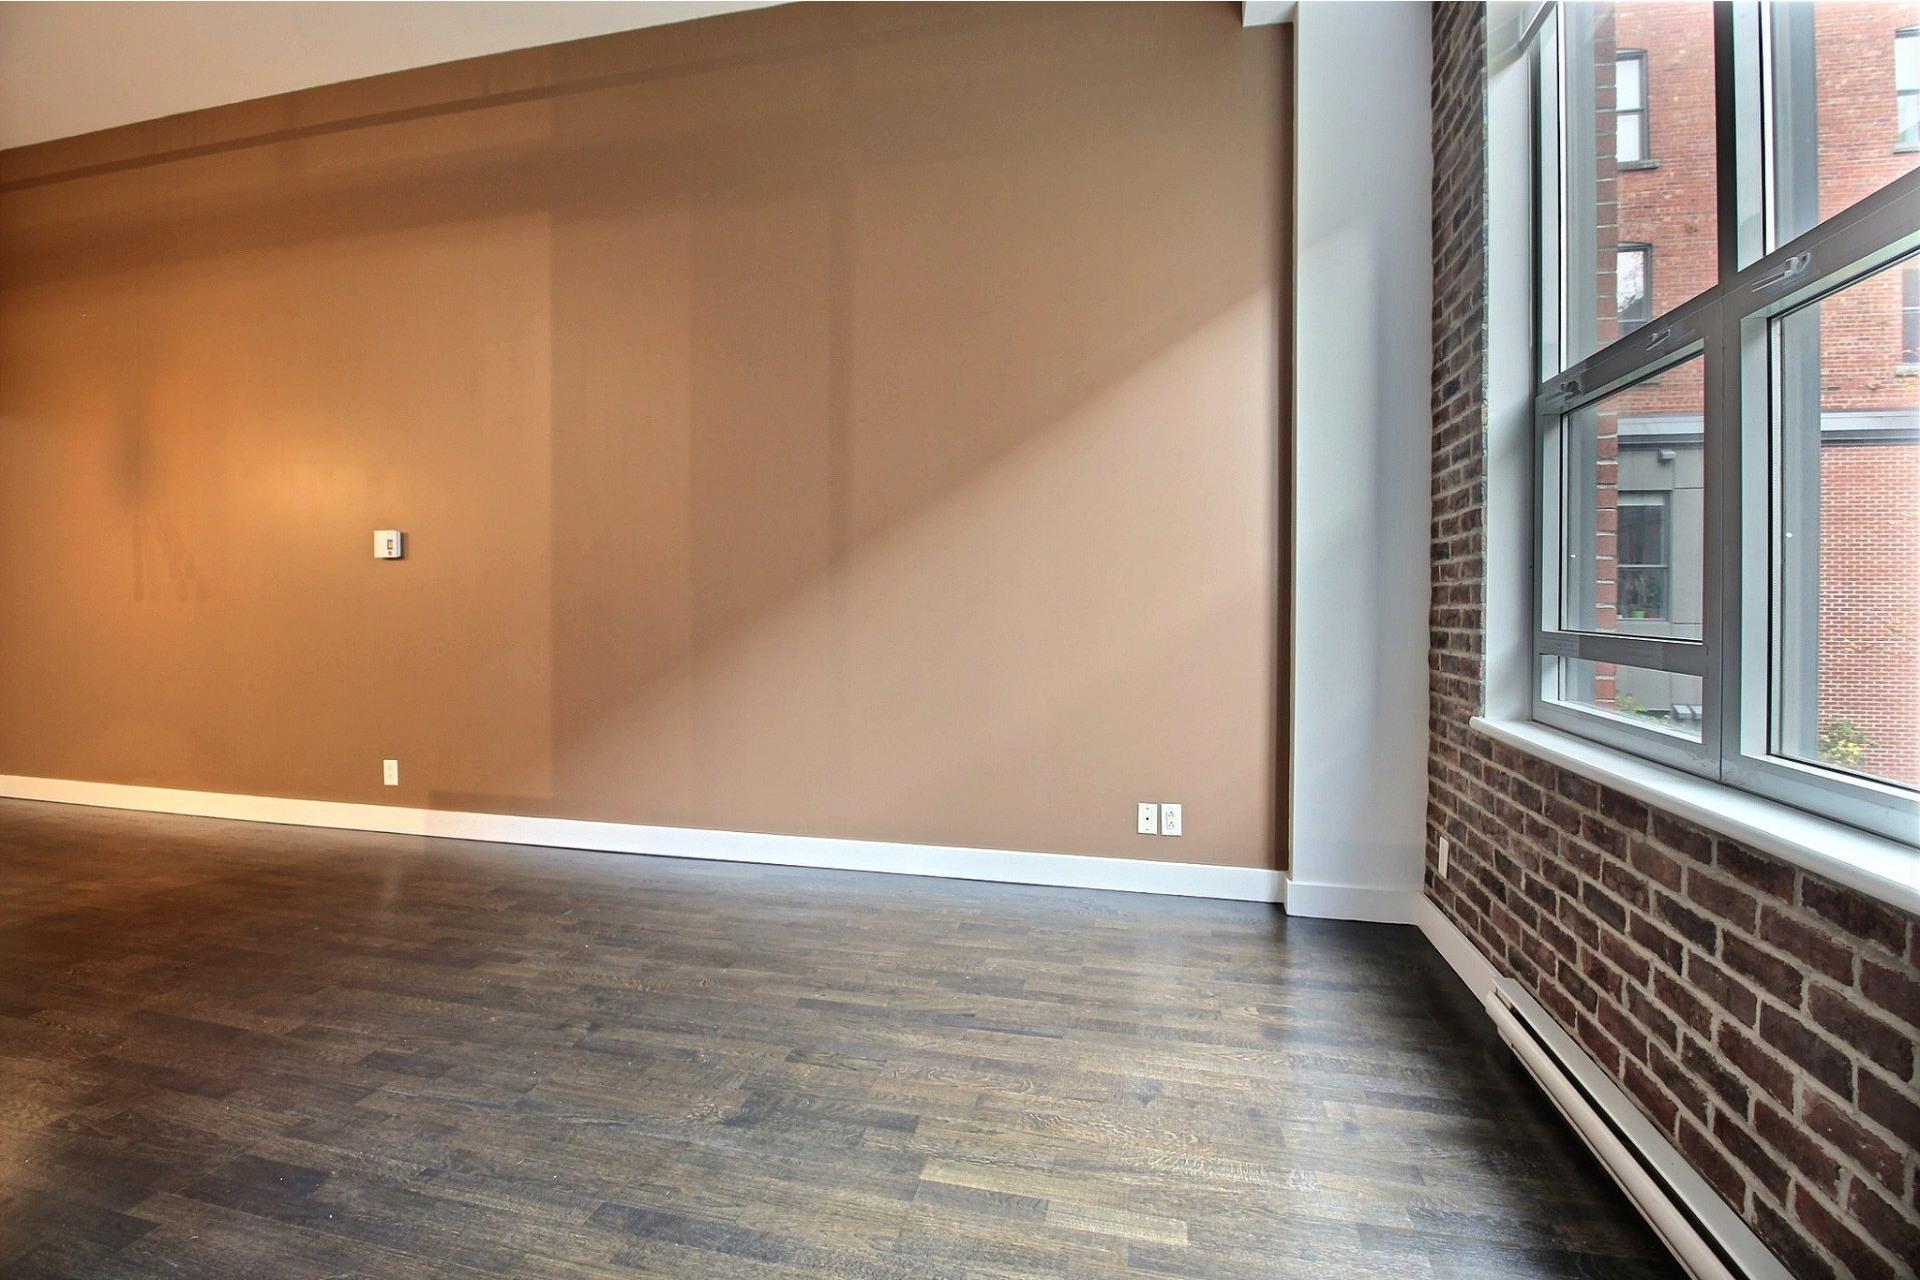 image 19 - Apartment For rent Mercier/Hochelaga-Maisonneuve Montréal  - 6 rooms